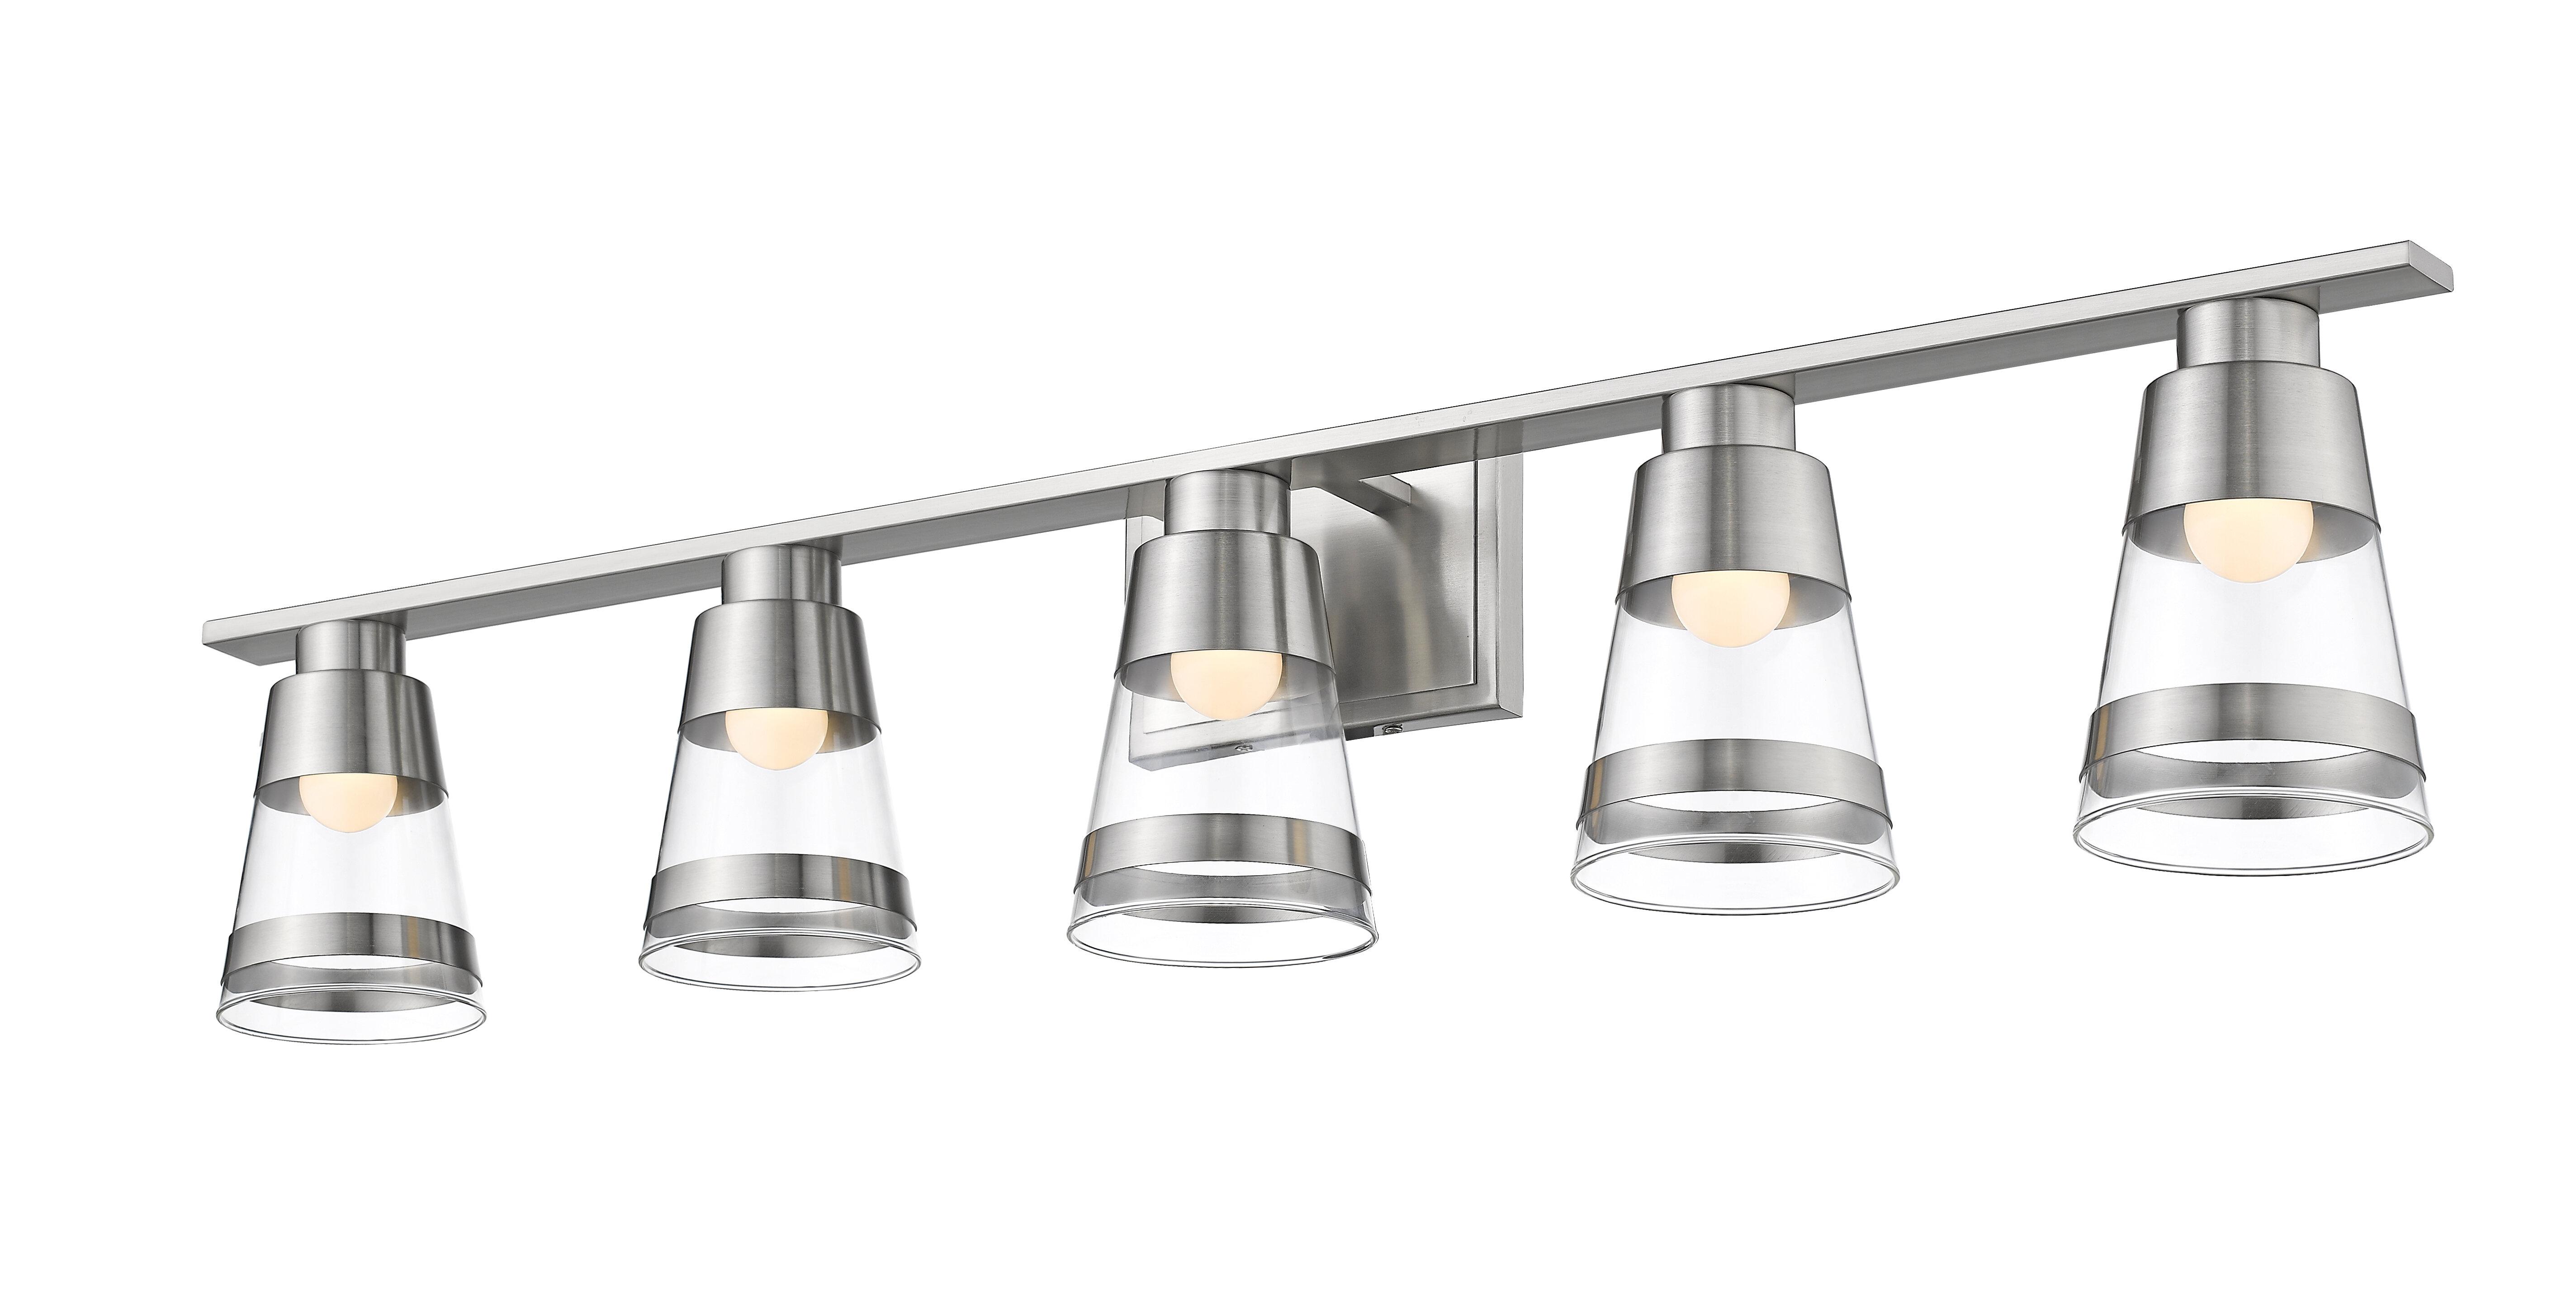 5 Light Breakwater Bay Bathroom Vanity Lighting You Ll Love In 2021 Wayfair